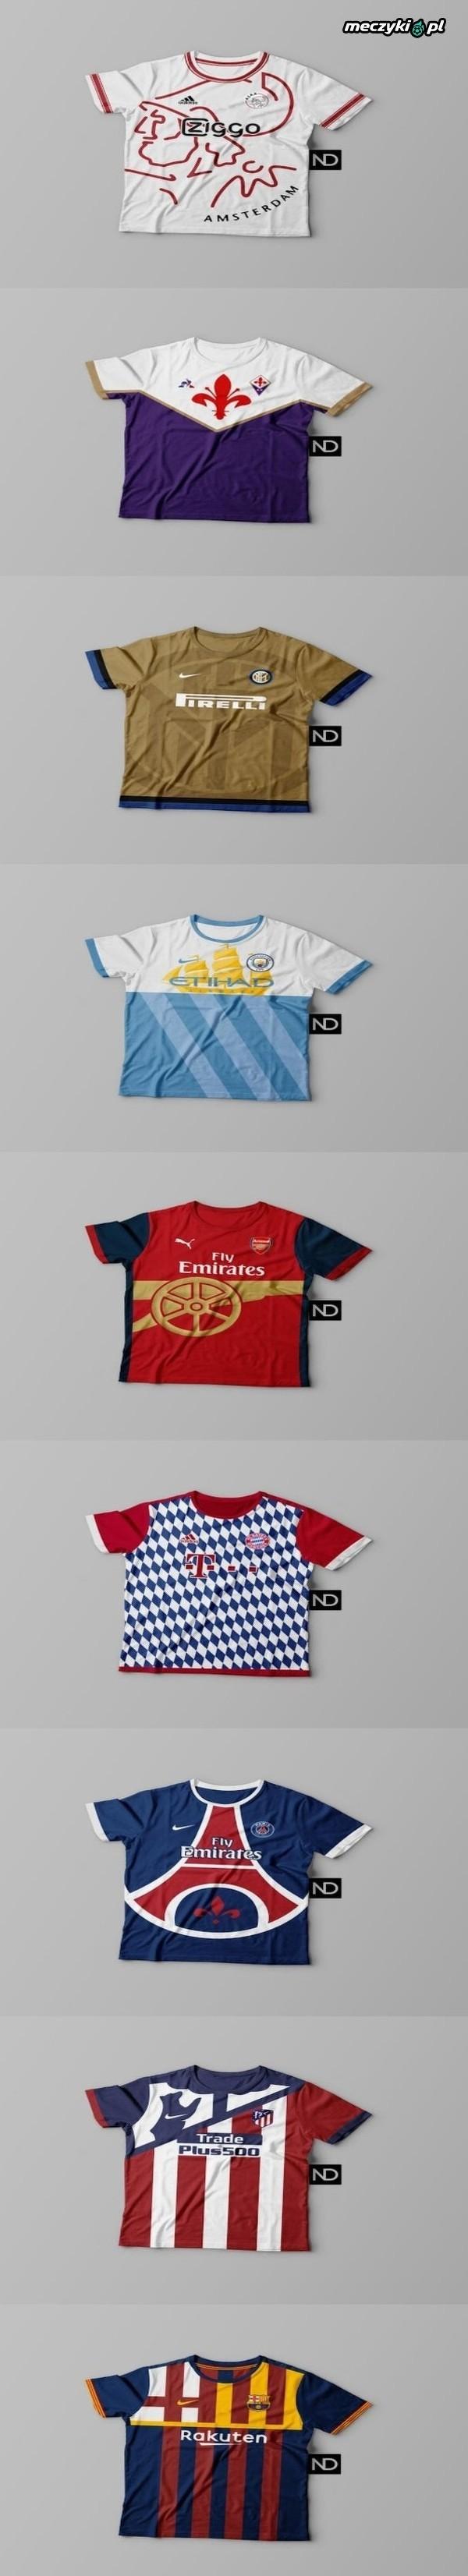 Tak wyglądałyby stroje, w oparciu na logo klubu.